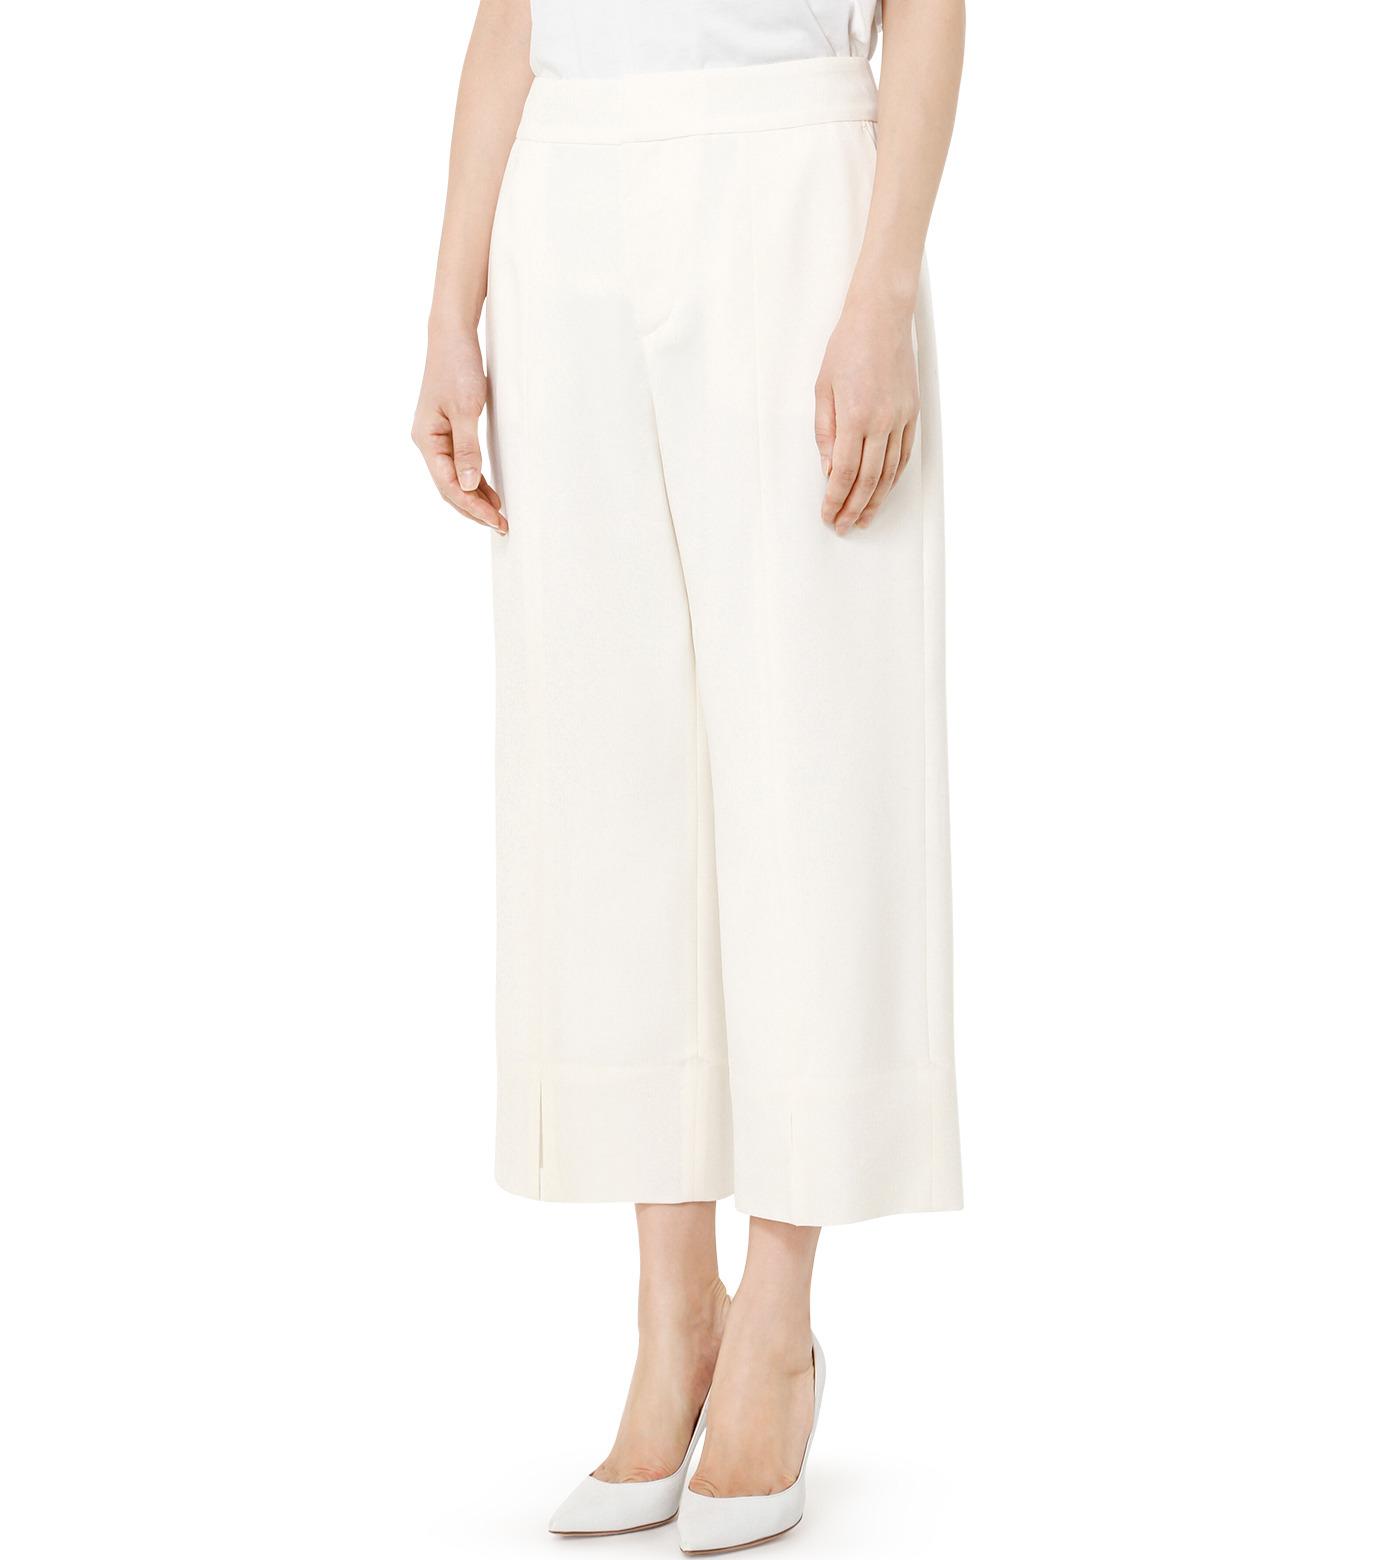 LE CIEL BLEU(ルシェルブルー)のサマーウールストレートパンツ-WHITE(パンツ/pants)-19S68105 拡大詳細画像3